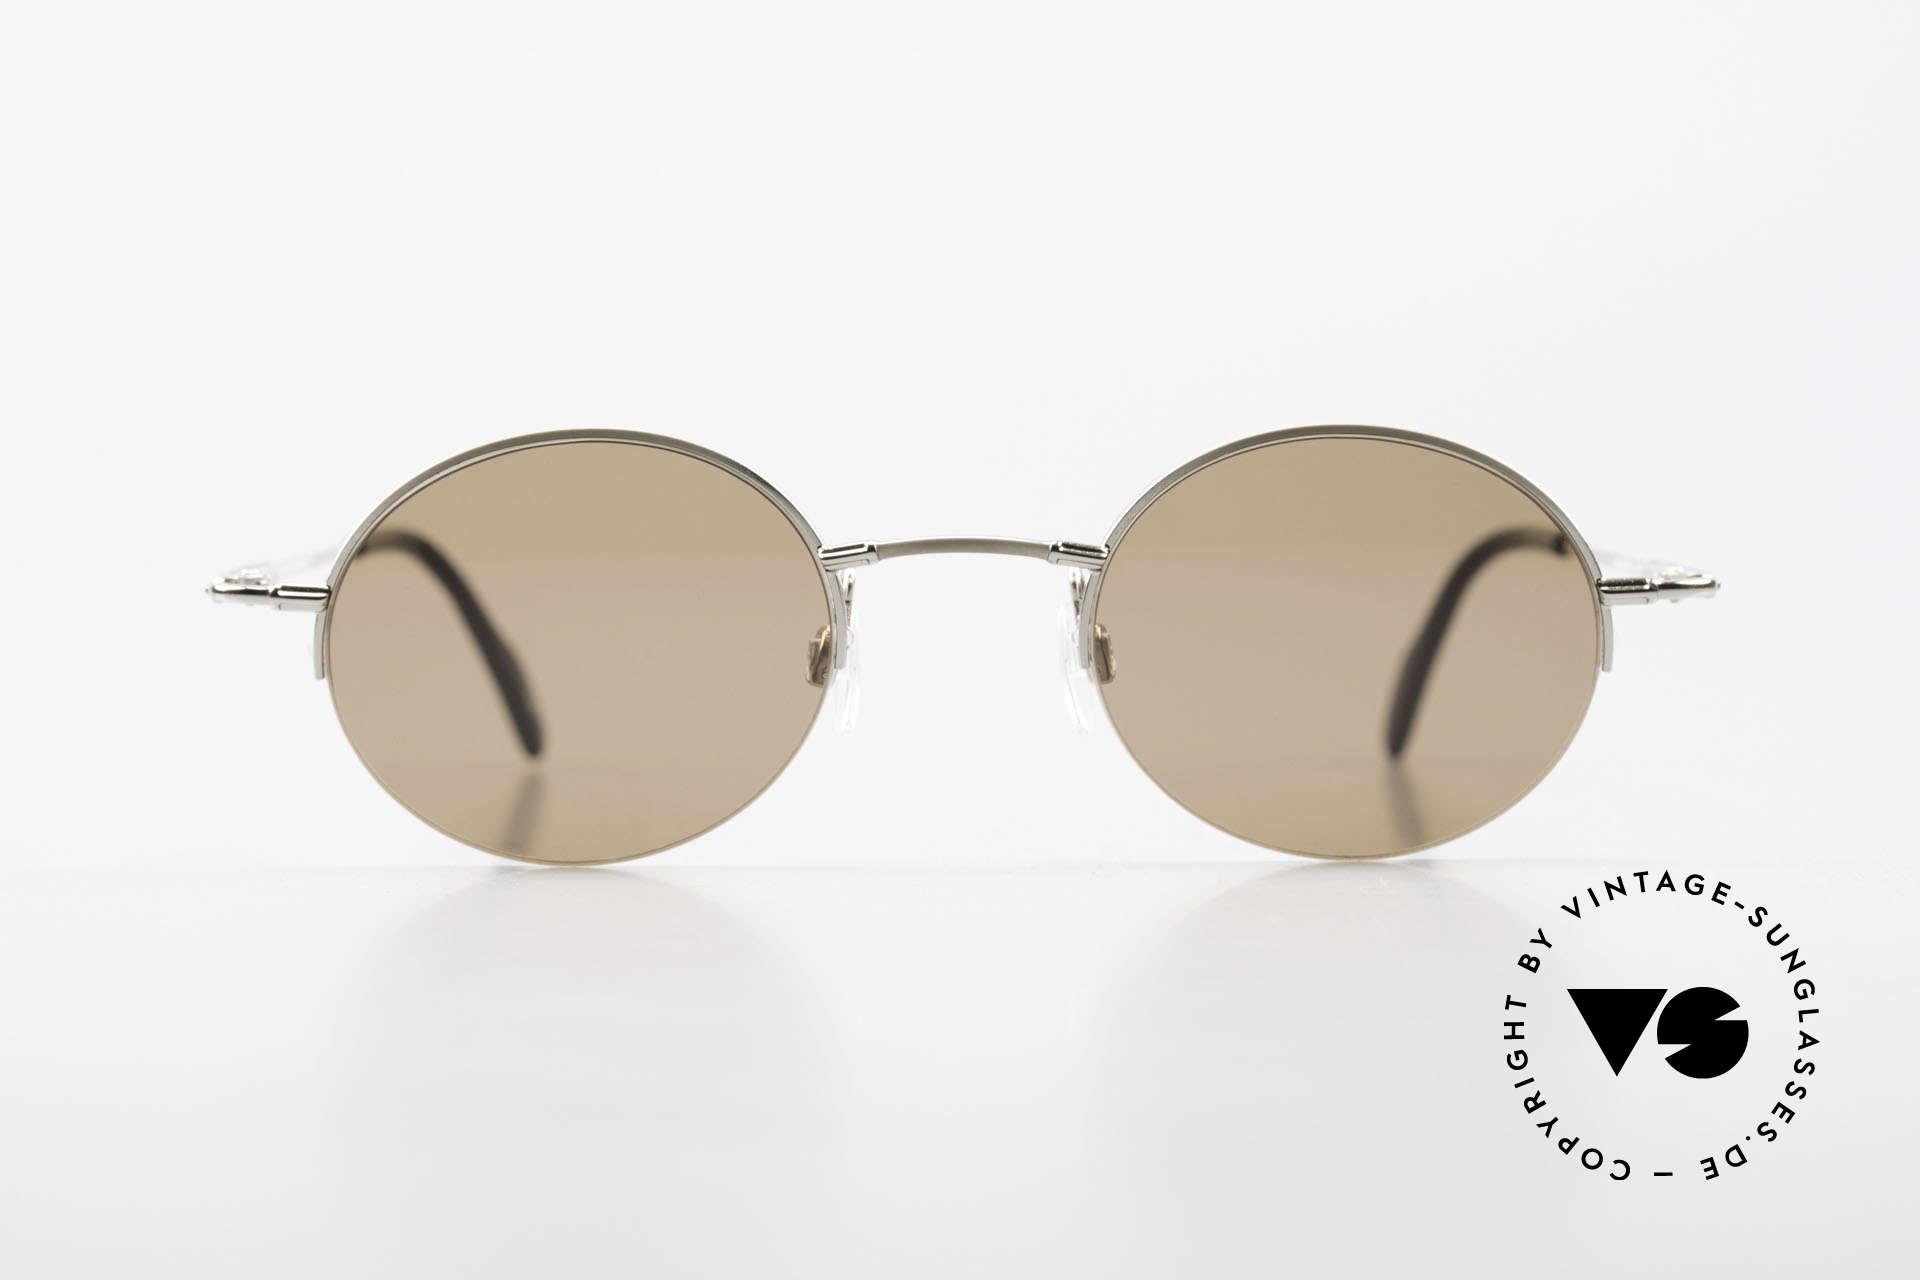 Longines 4363 Ovale Sonnenbrille 90er Rund, Nylor-Qualitätsfassung mit vielen kleinen Designdetails, Passend für Herren und Damen